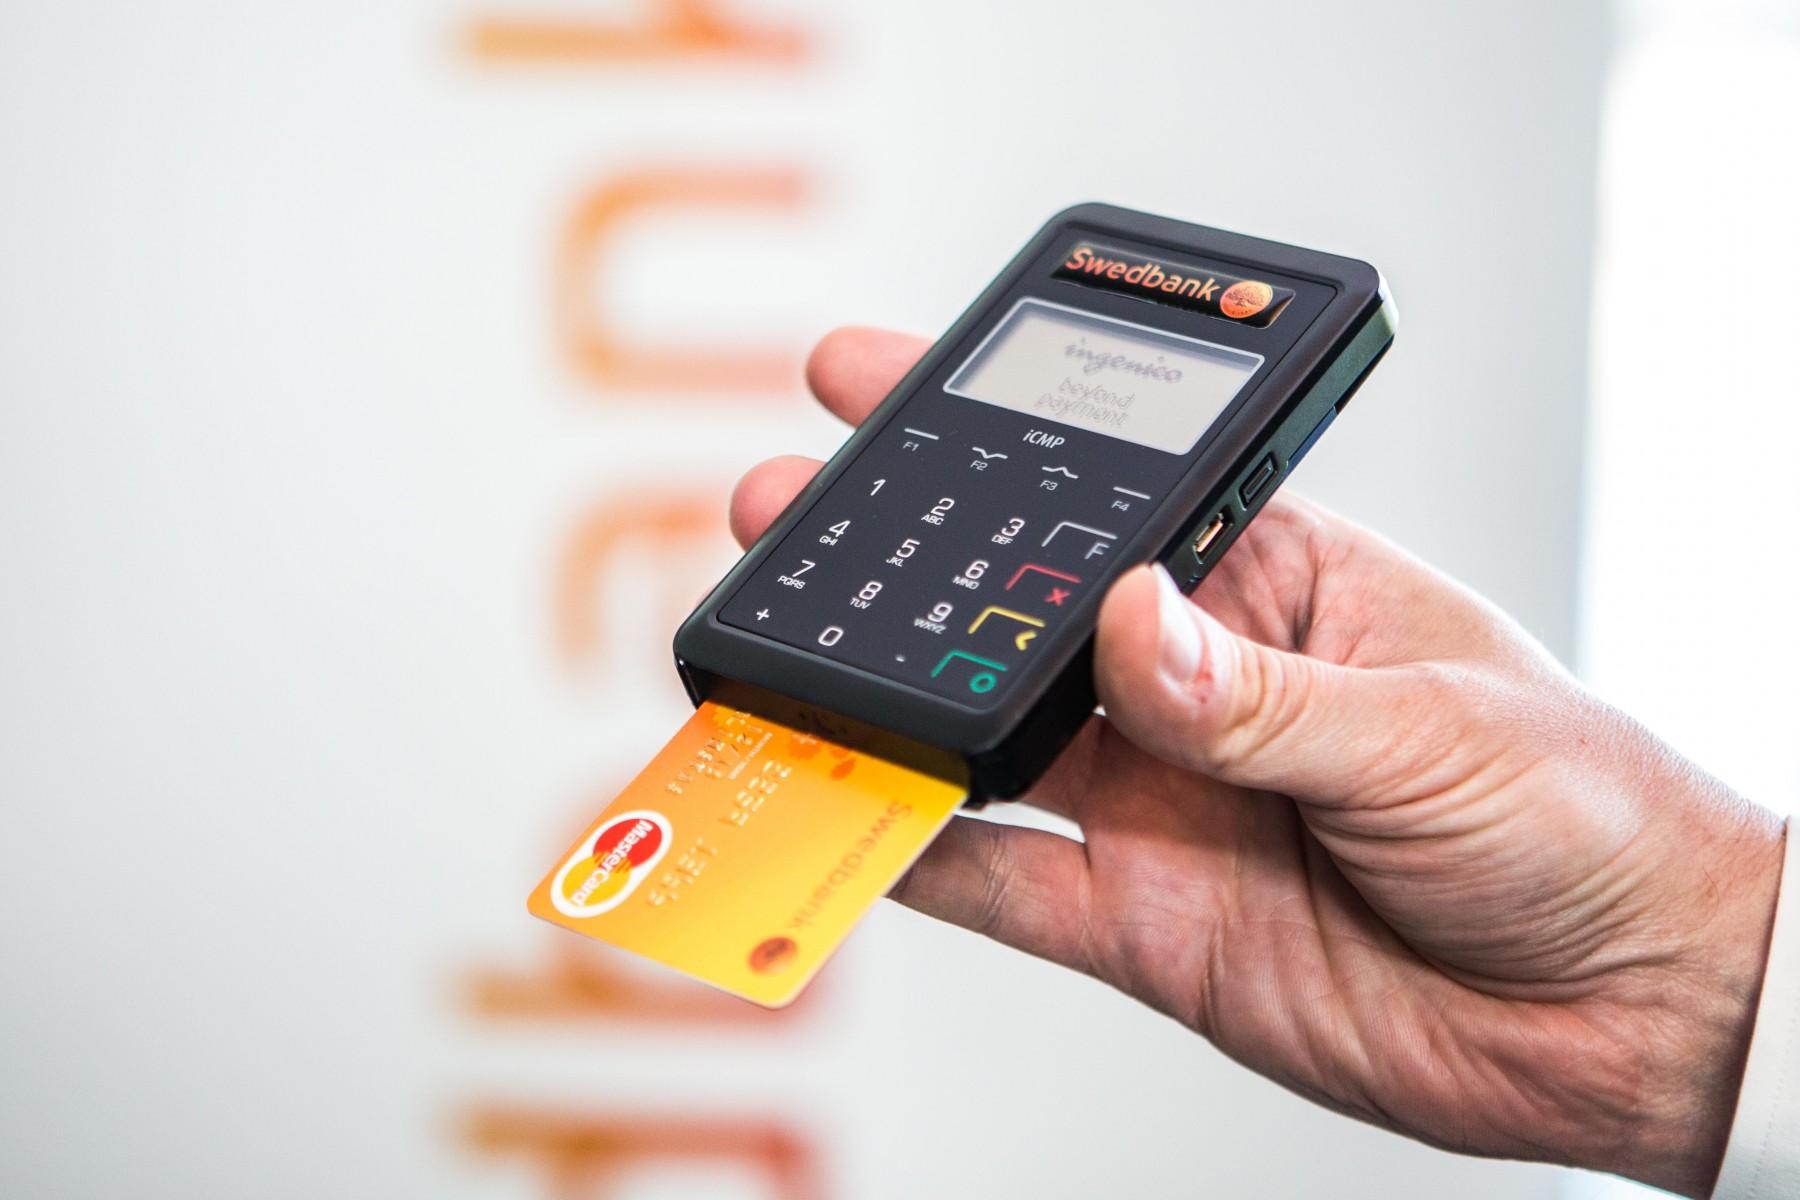 Mobilusis kortelių skaitytuvas | SEB bankas